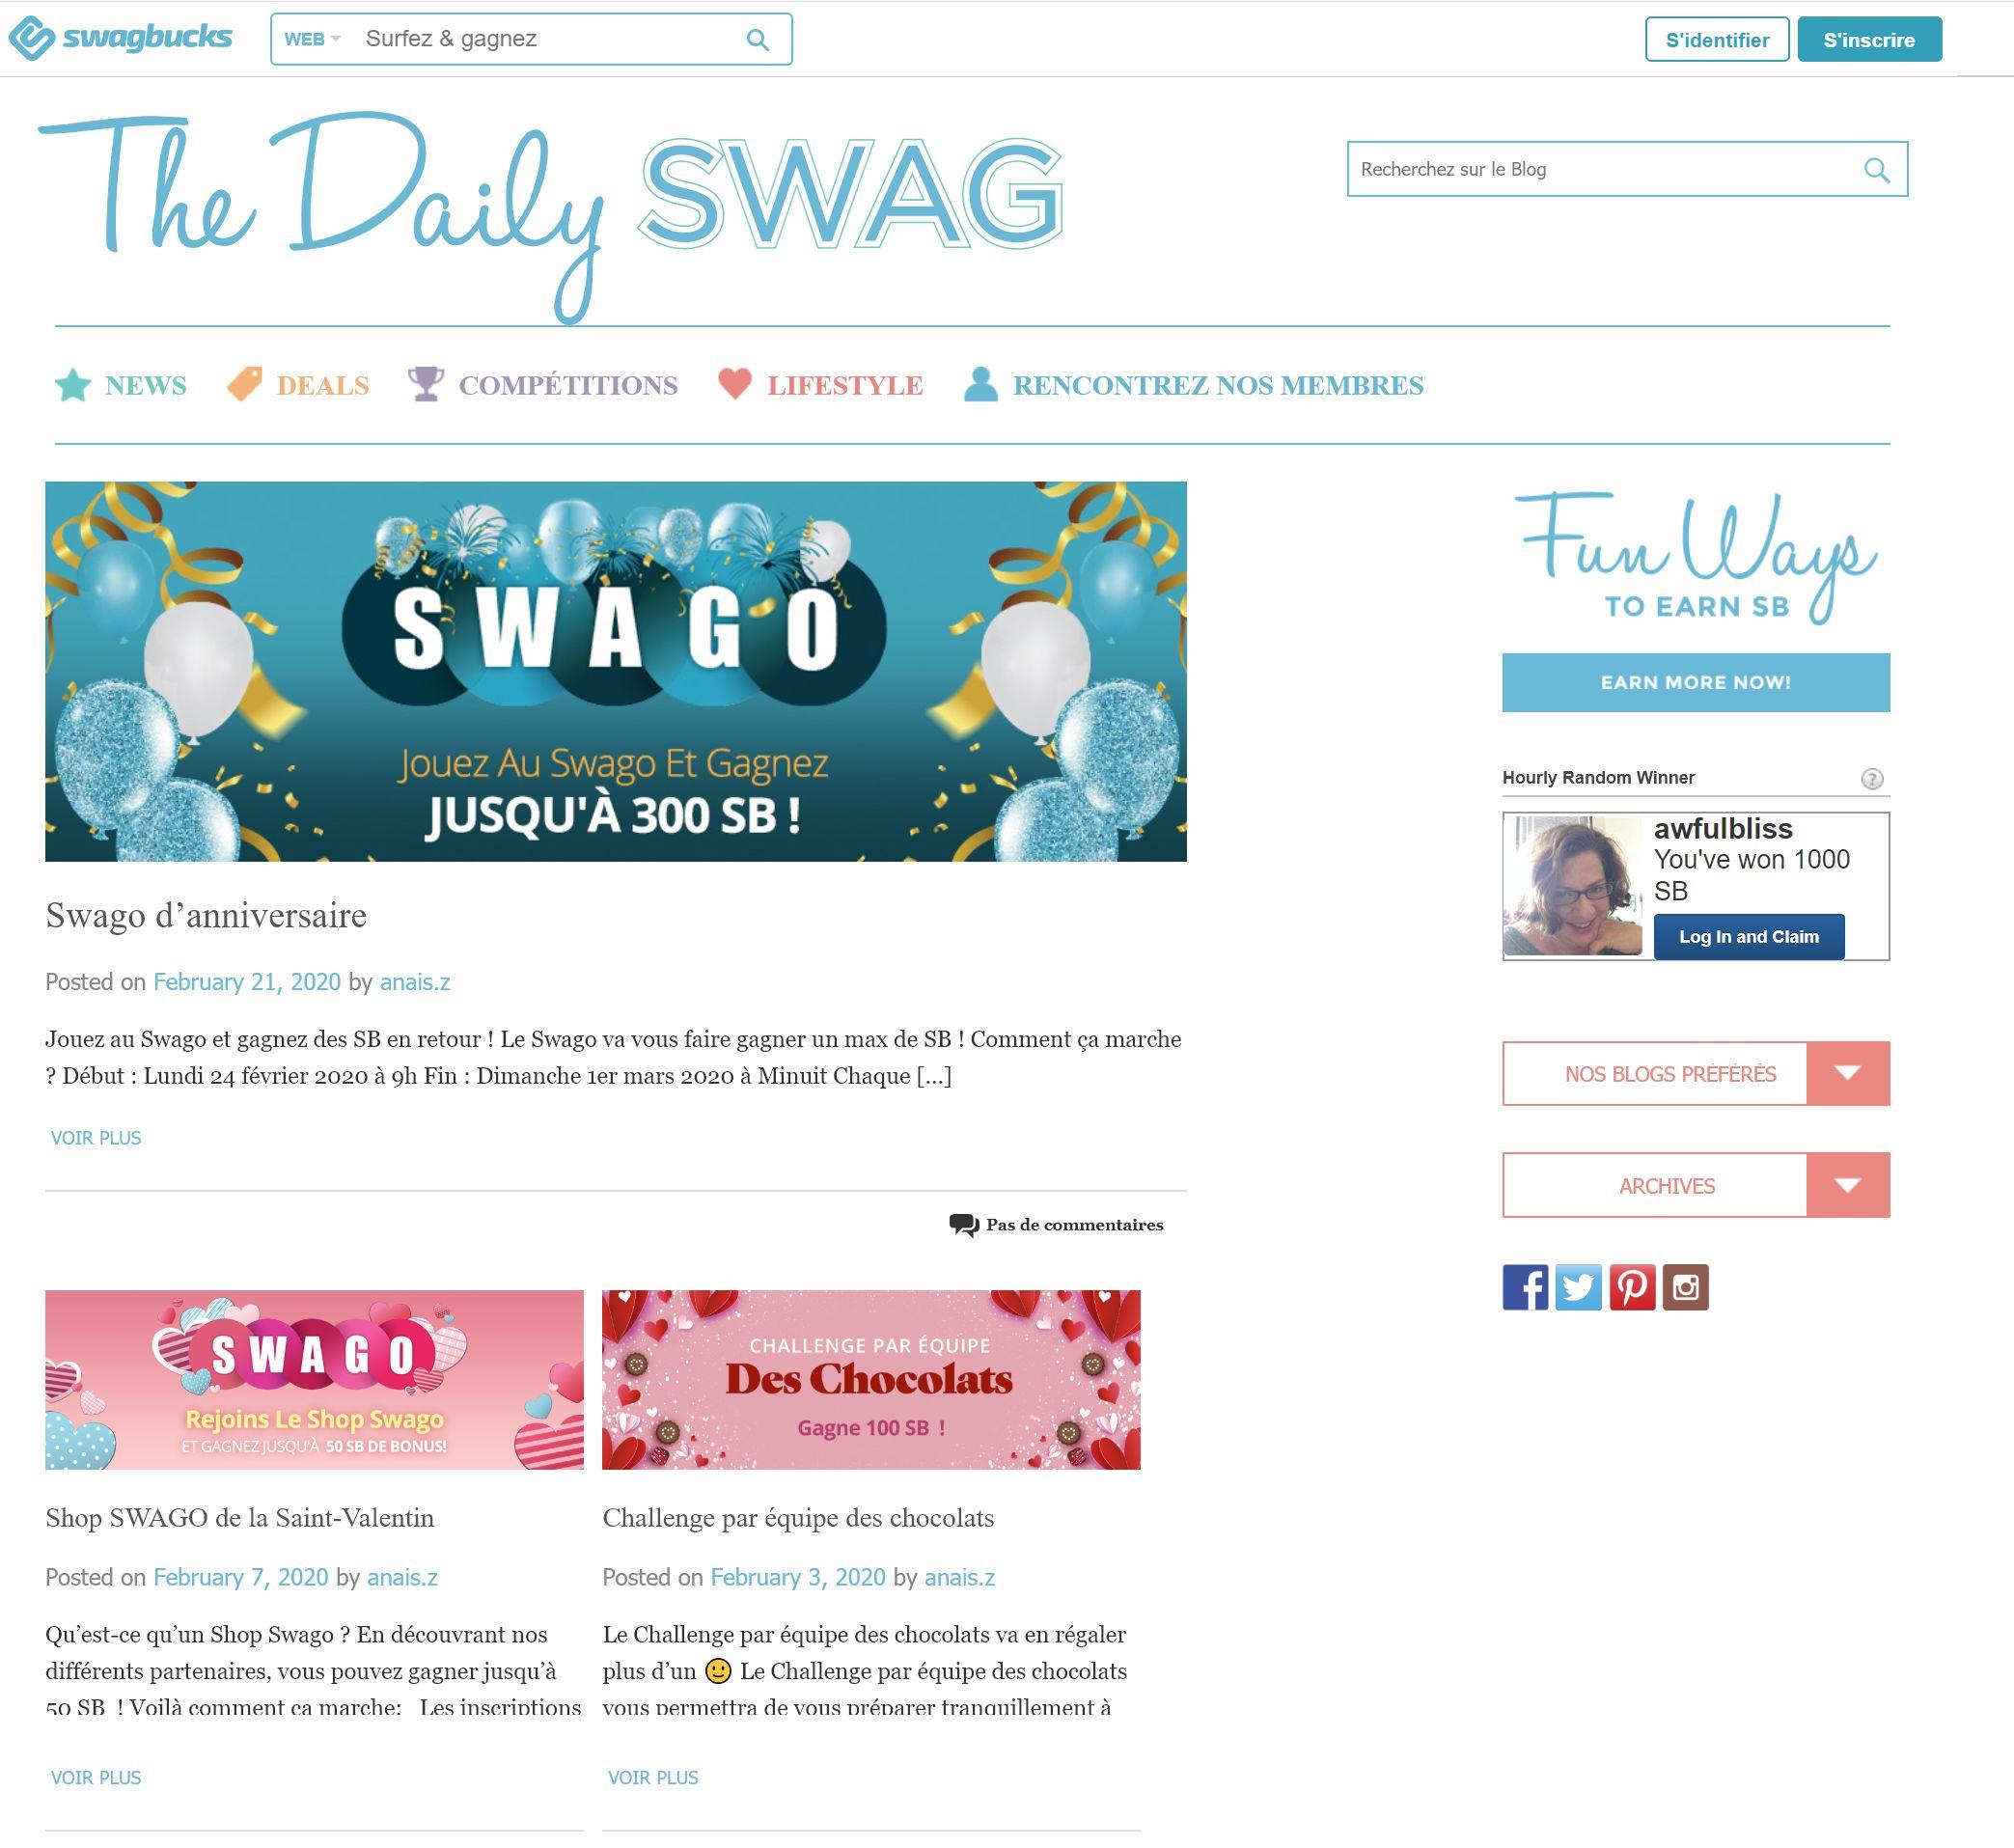 le blog et magazine de swagbucks.com